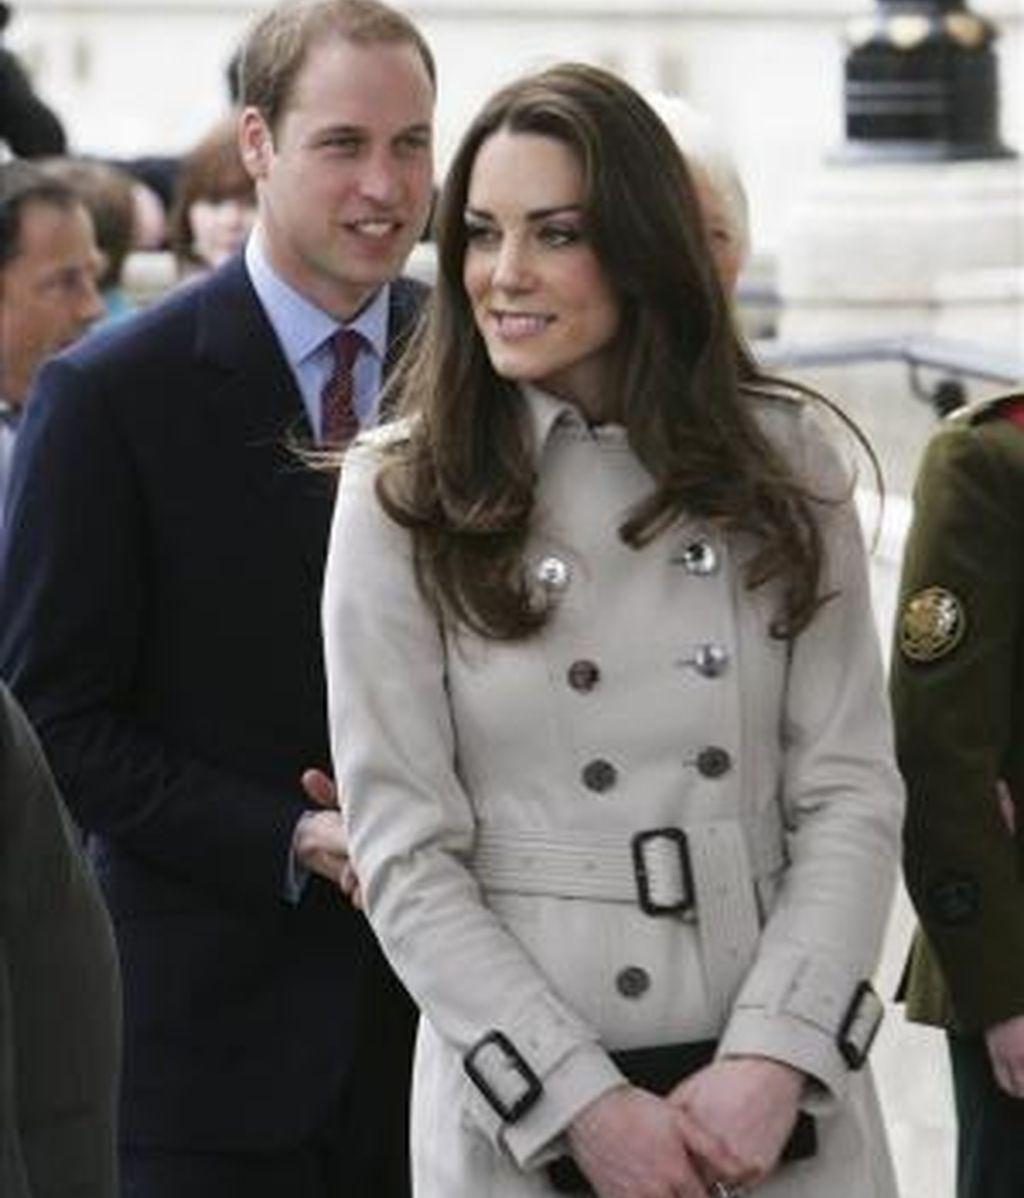 El príncipe Guillermo (izq) y su prometida Kate Middleton (c) a su llegada al ayuntamiento de Belfast, Irlanda del Norte (Reino Unido). EFE/Archivo